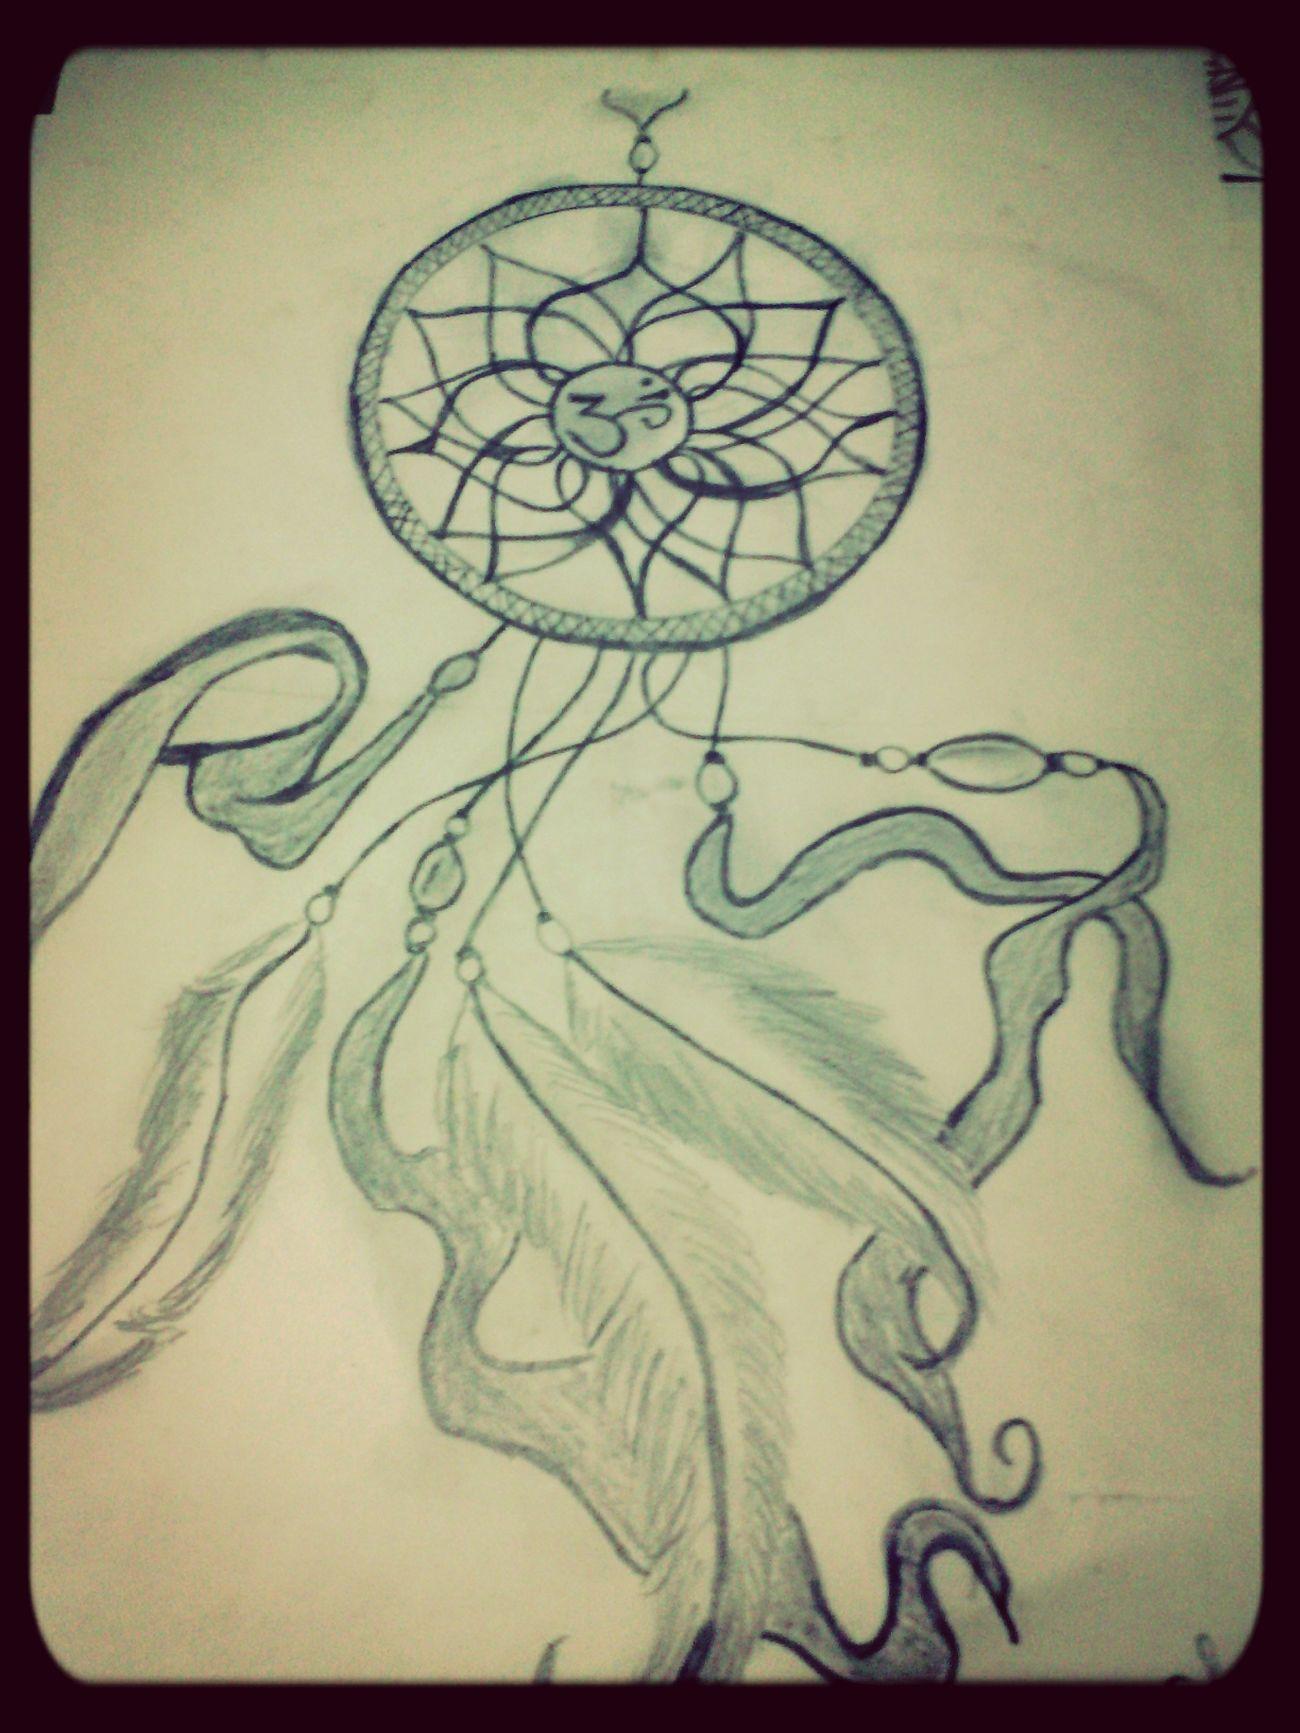 Filtro Dos Sonhos Fotoartistica Desenho Uma Das Minhas Artes!